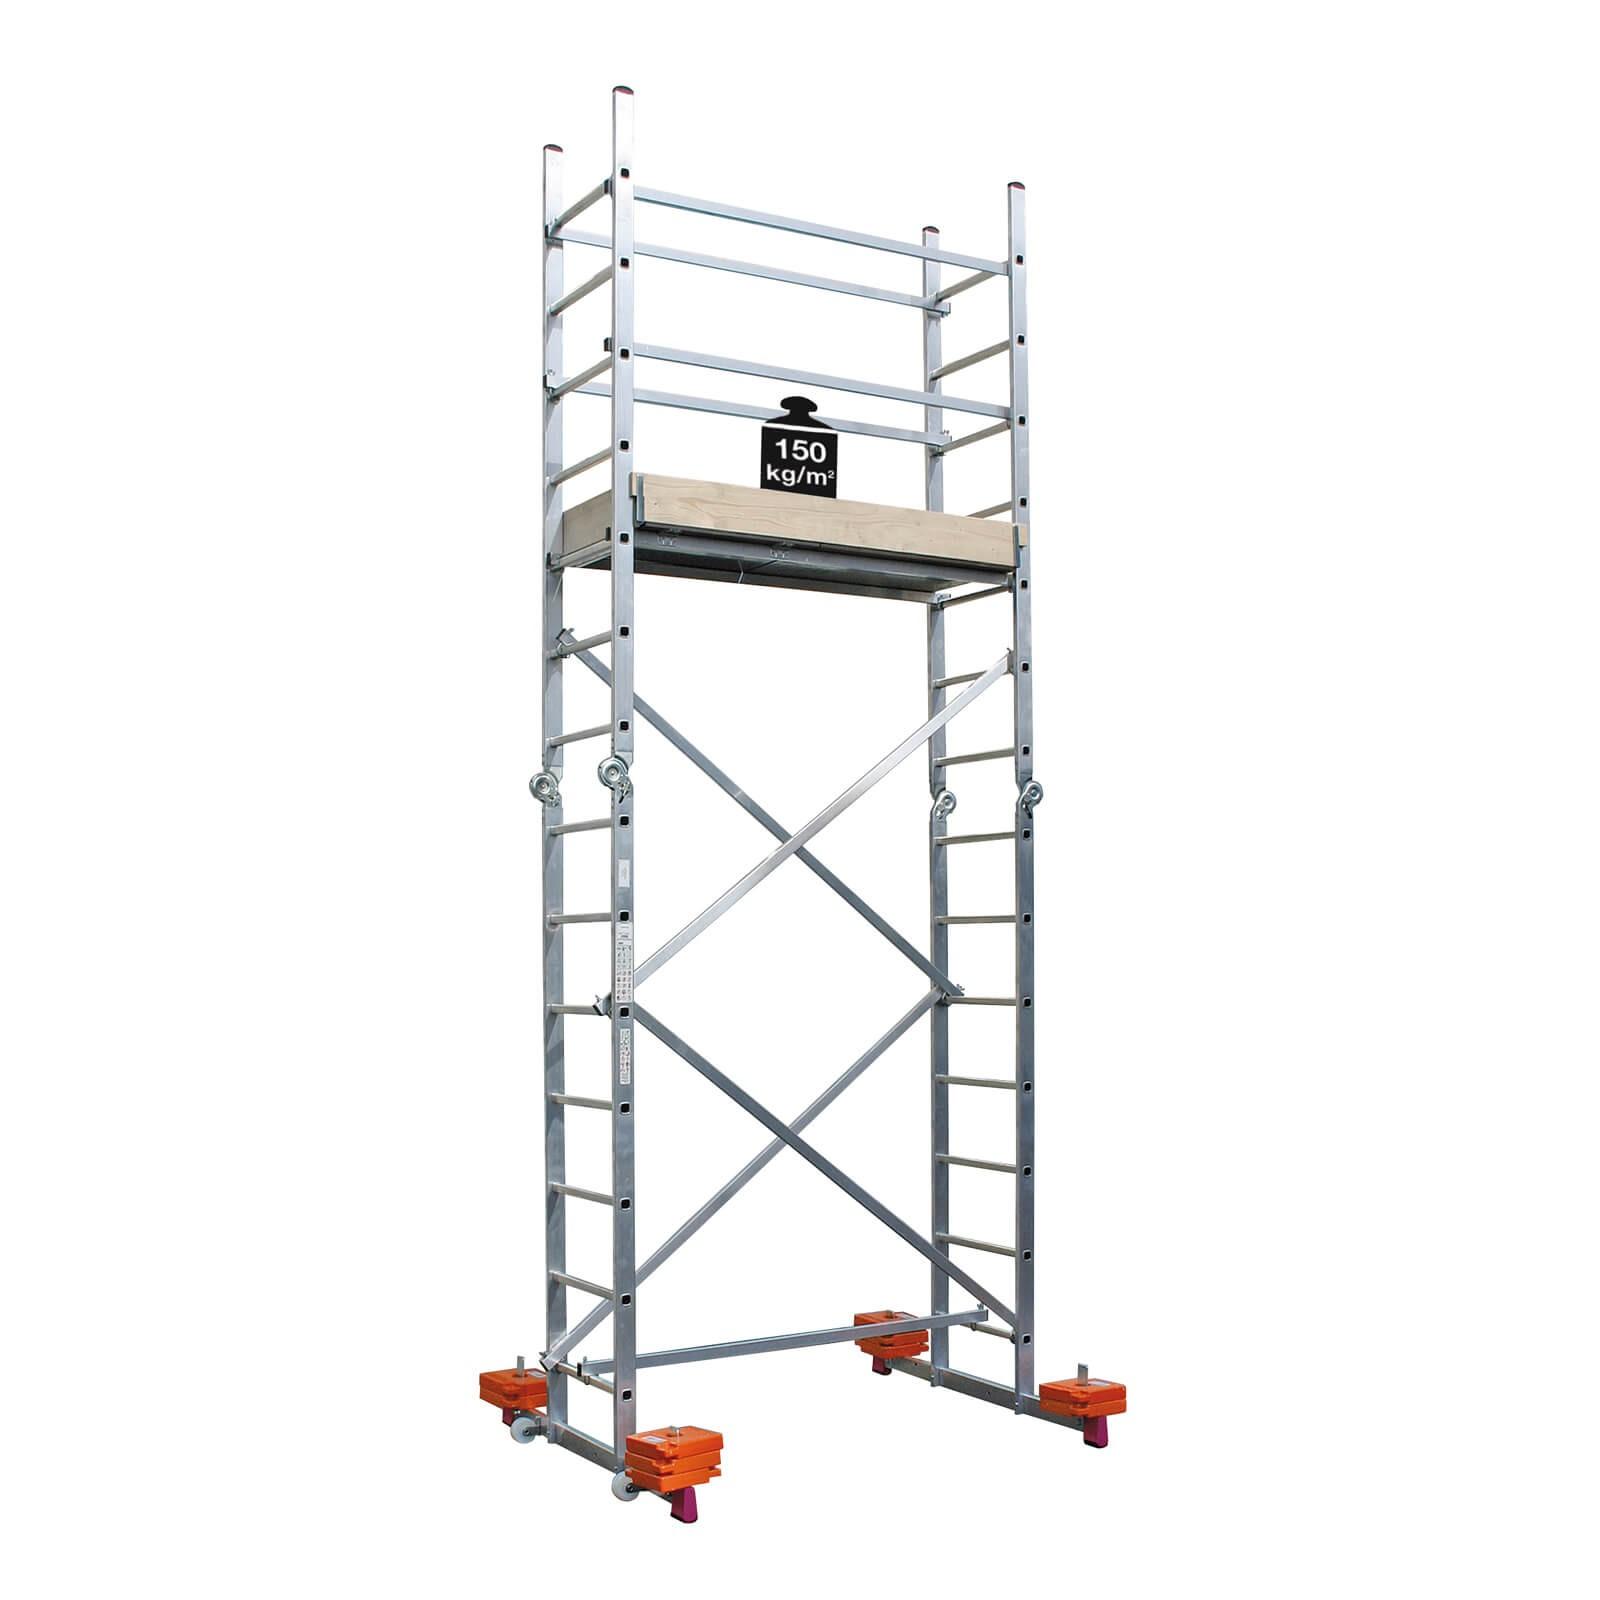 krause corda gelenk ger st arbeitsger st h he 4 85 m. Black Bedroom Furniture Sets. Home Design Ideas